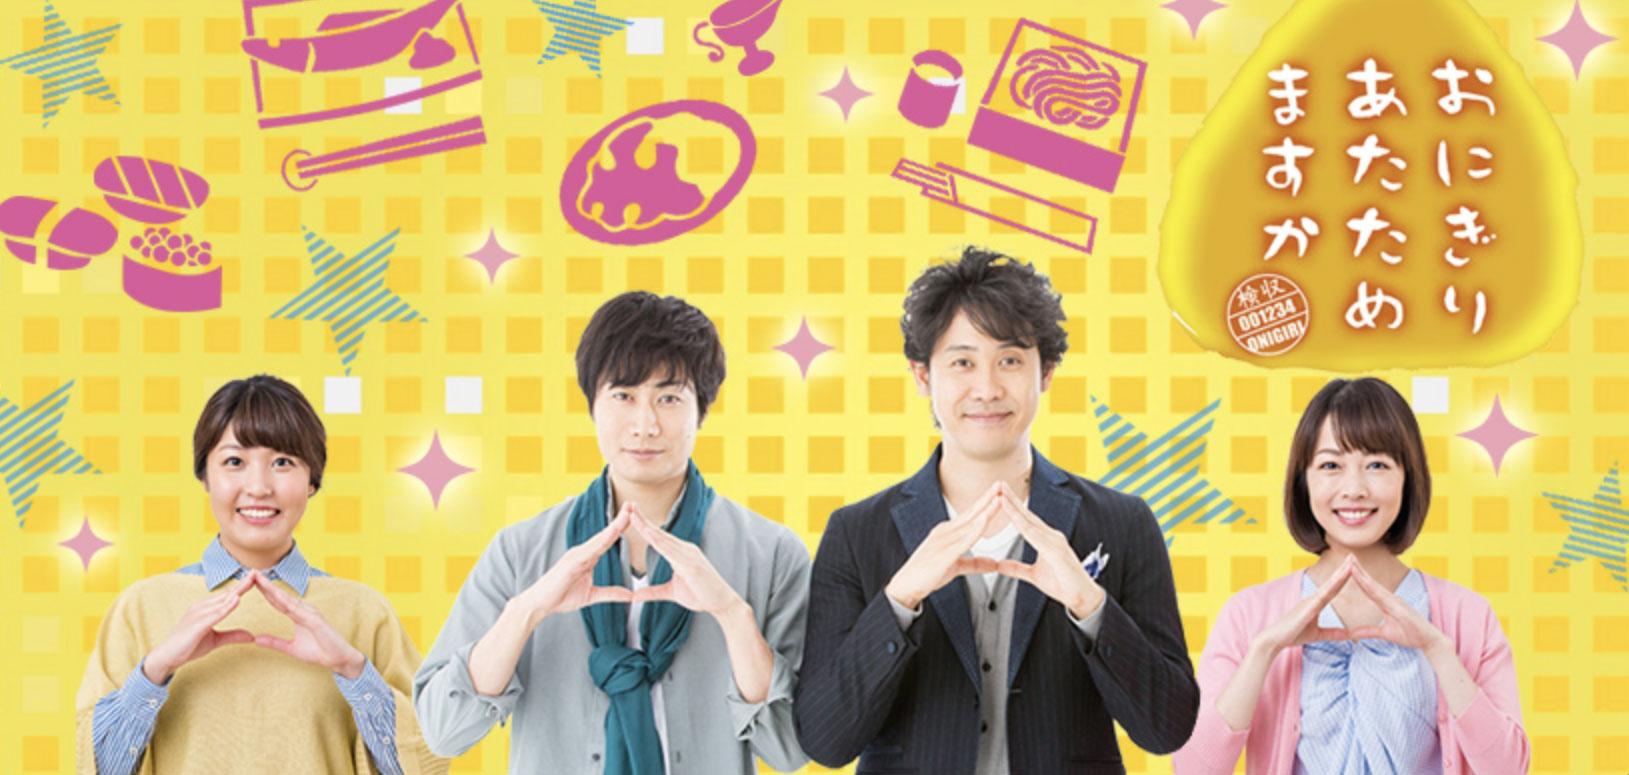 北海道テレビ「おにぎりあたためますか」で紹介されました!